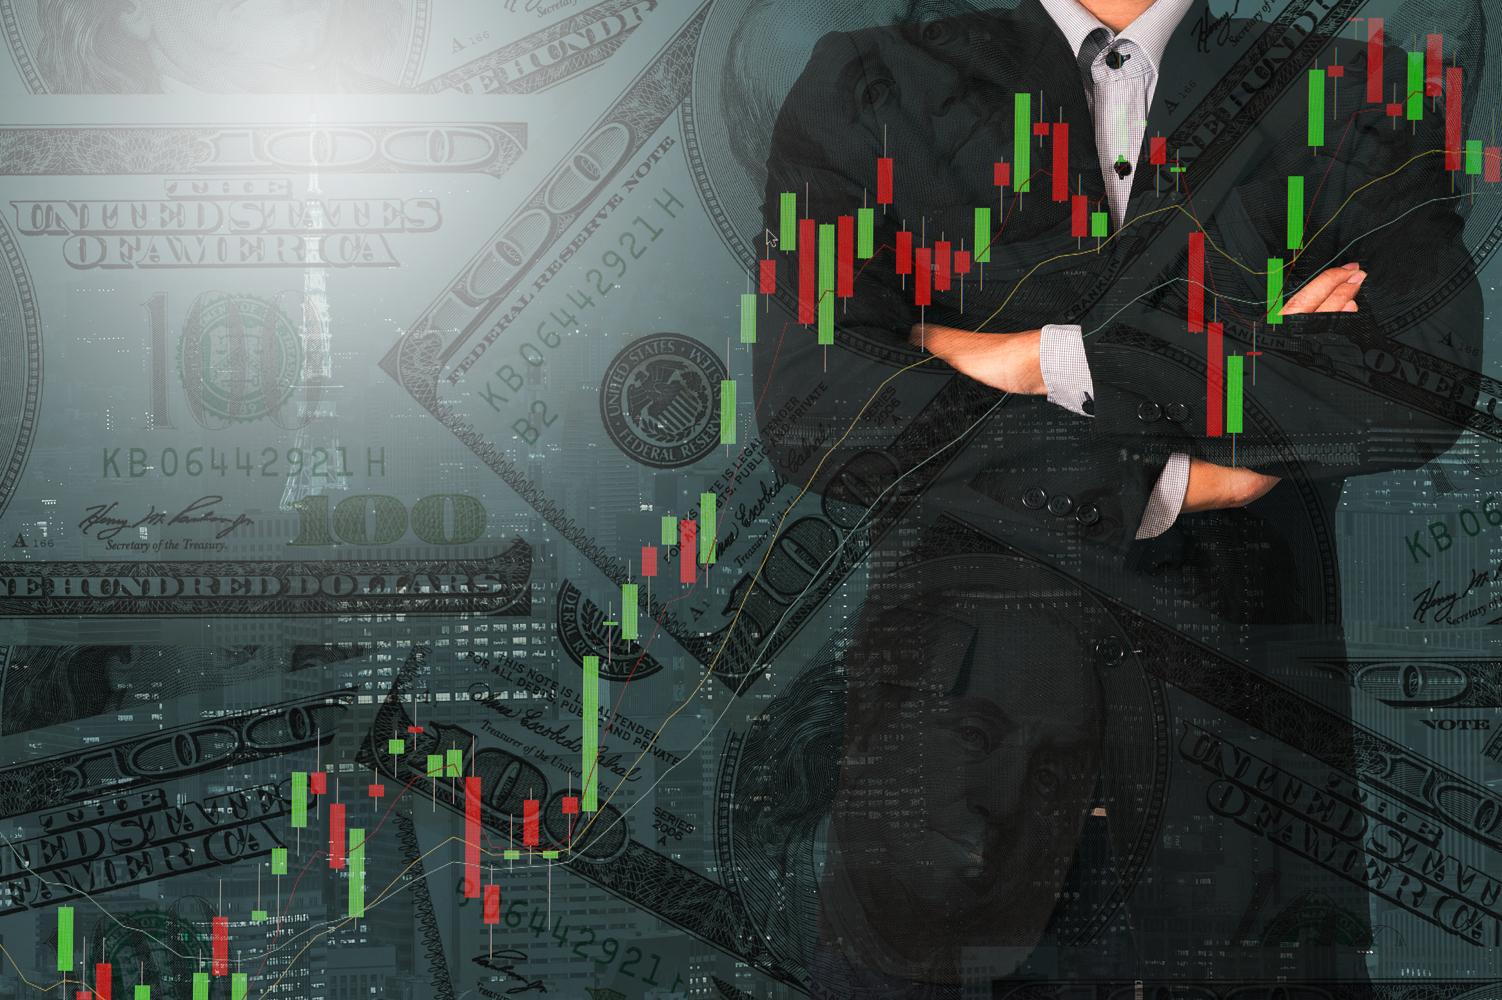 strategie de tranzacționare specială pentru opțiuni binare